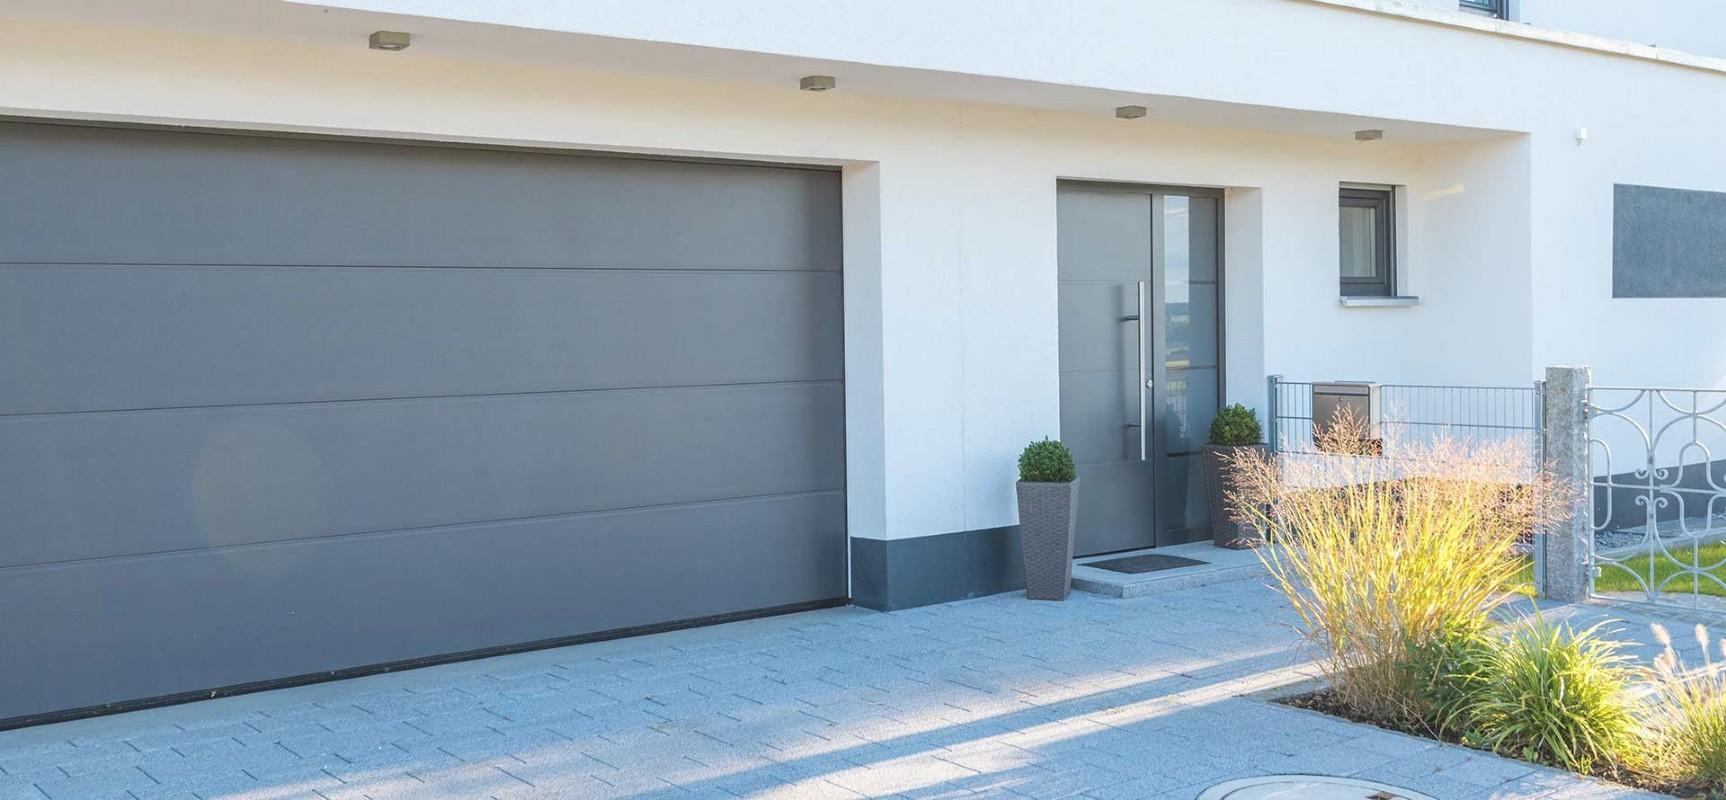 Garagentor Und Haustür